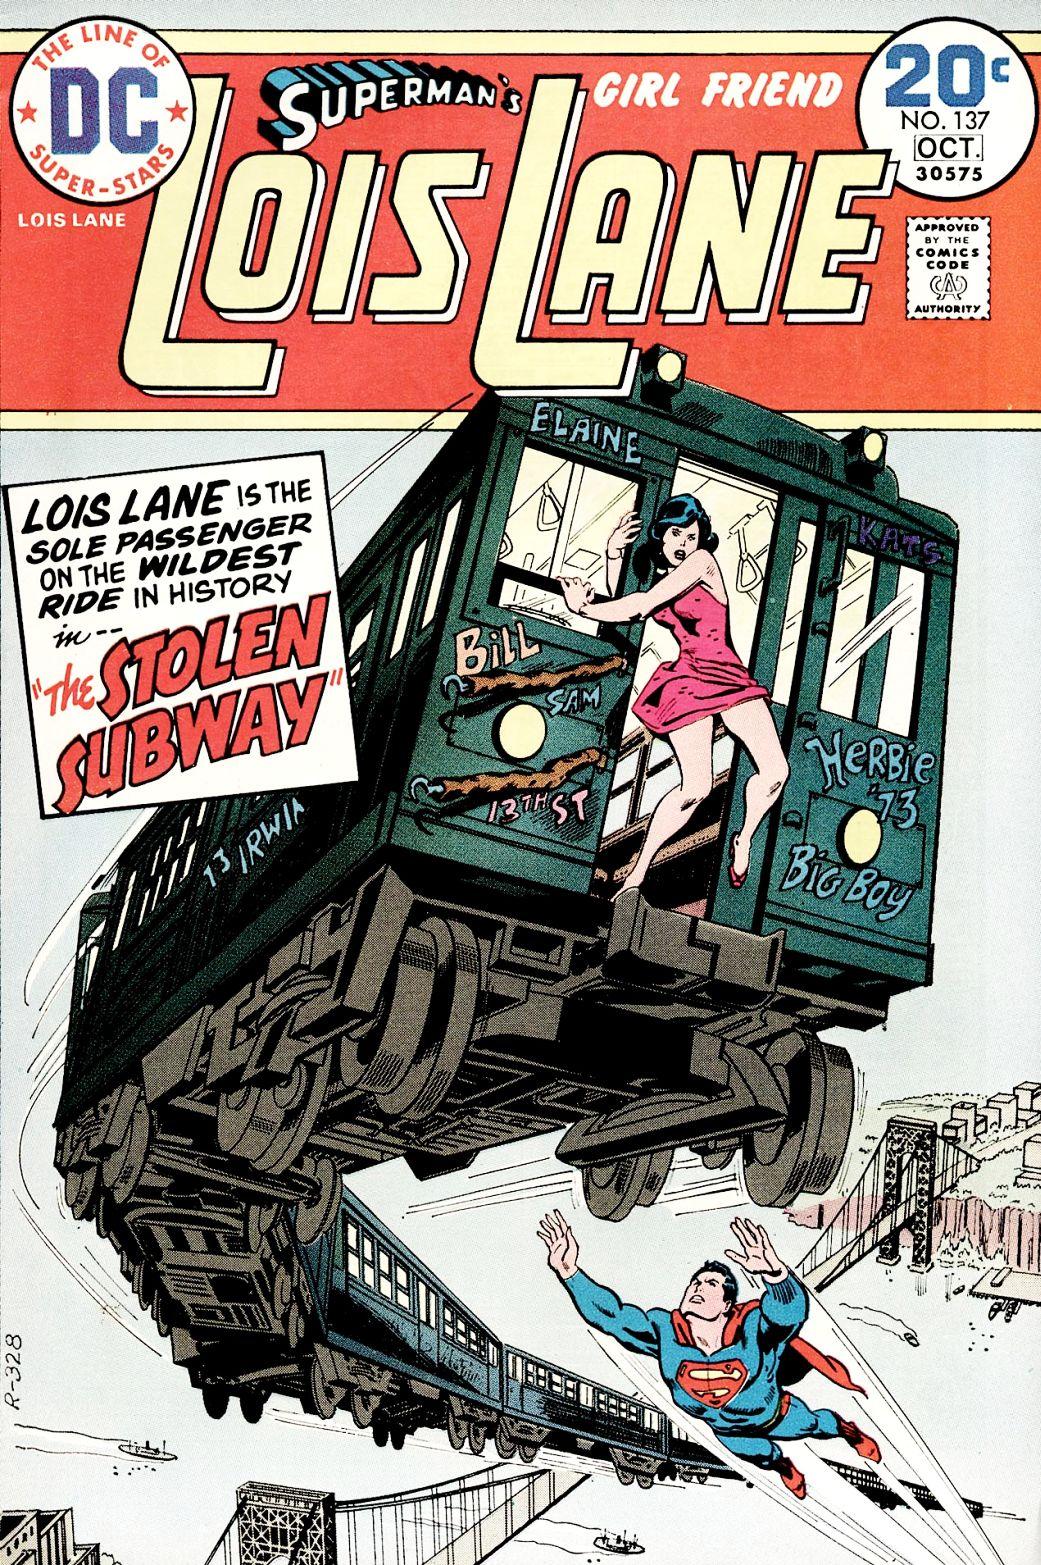 Supermans Girl Friend, Lois Lane 137 Page 1